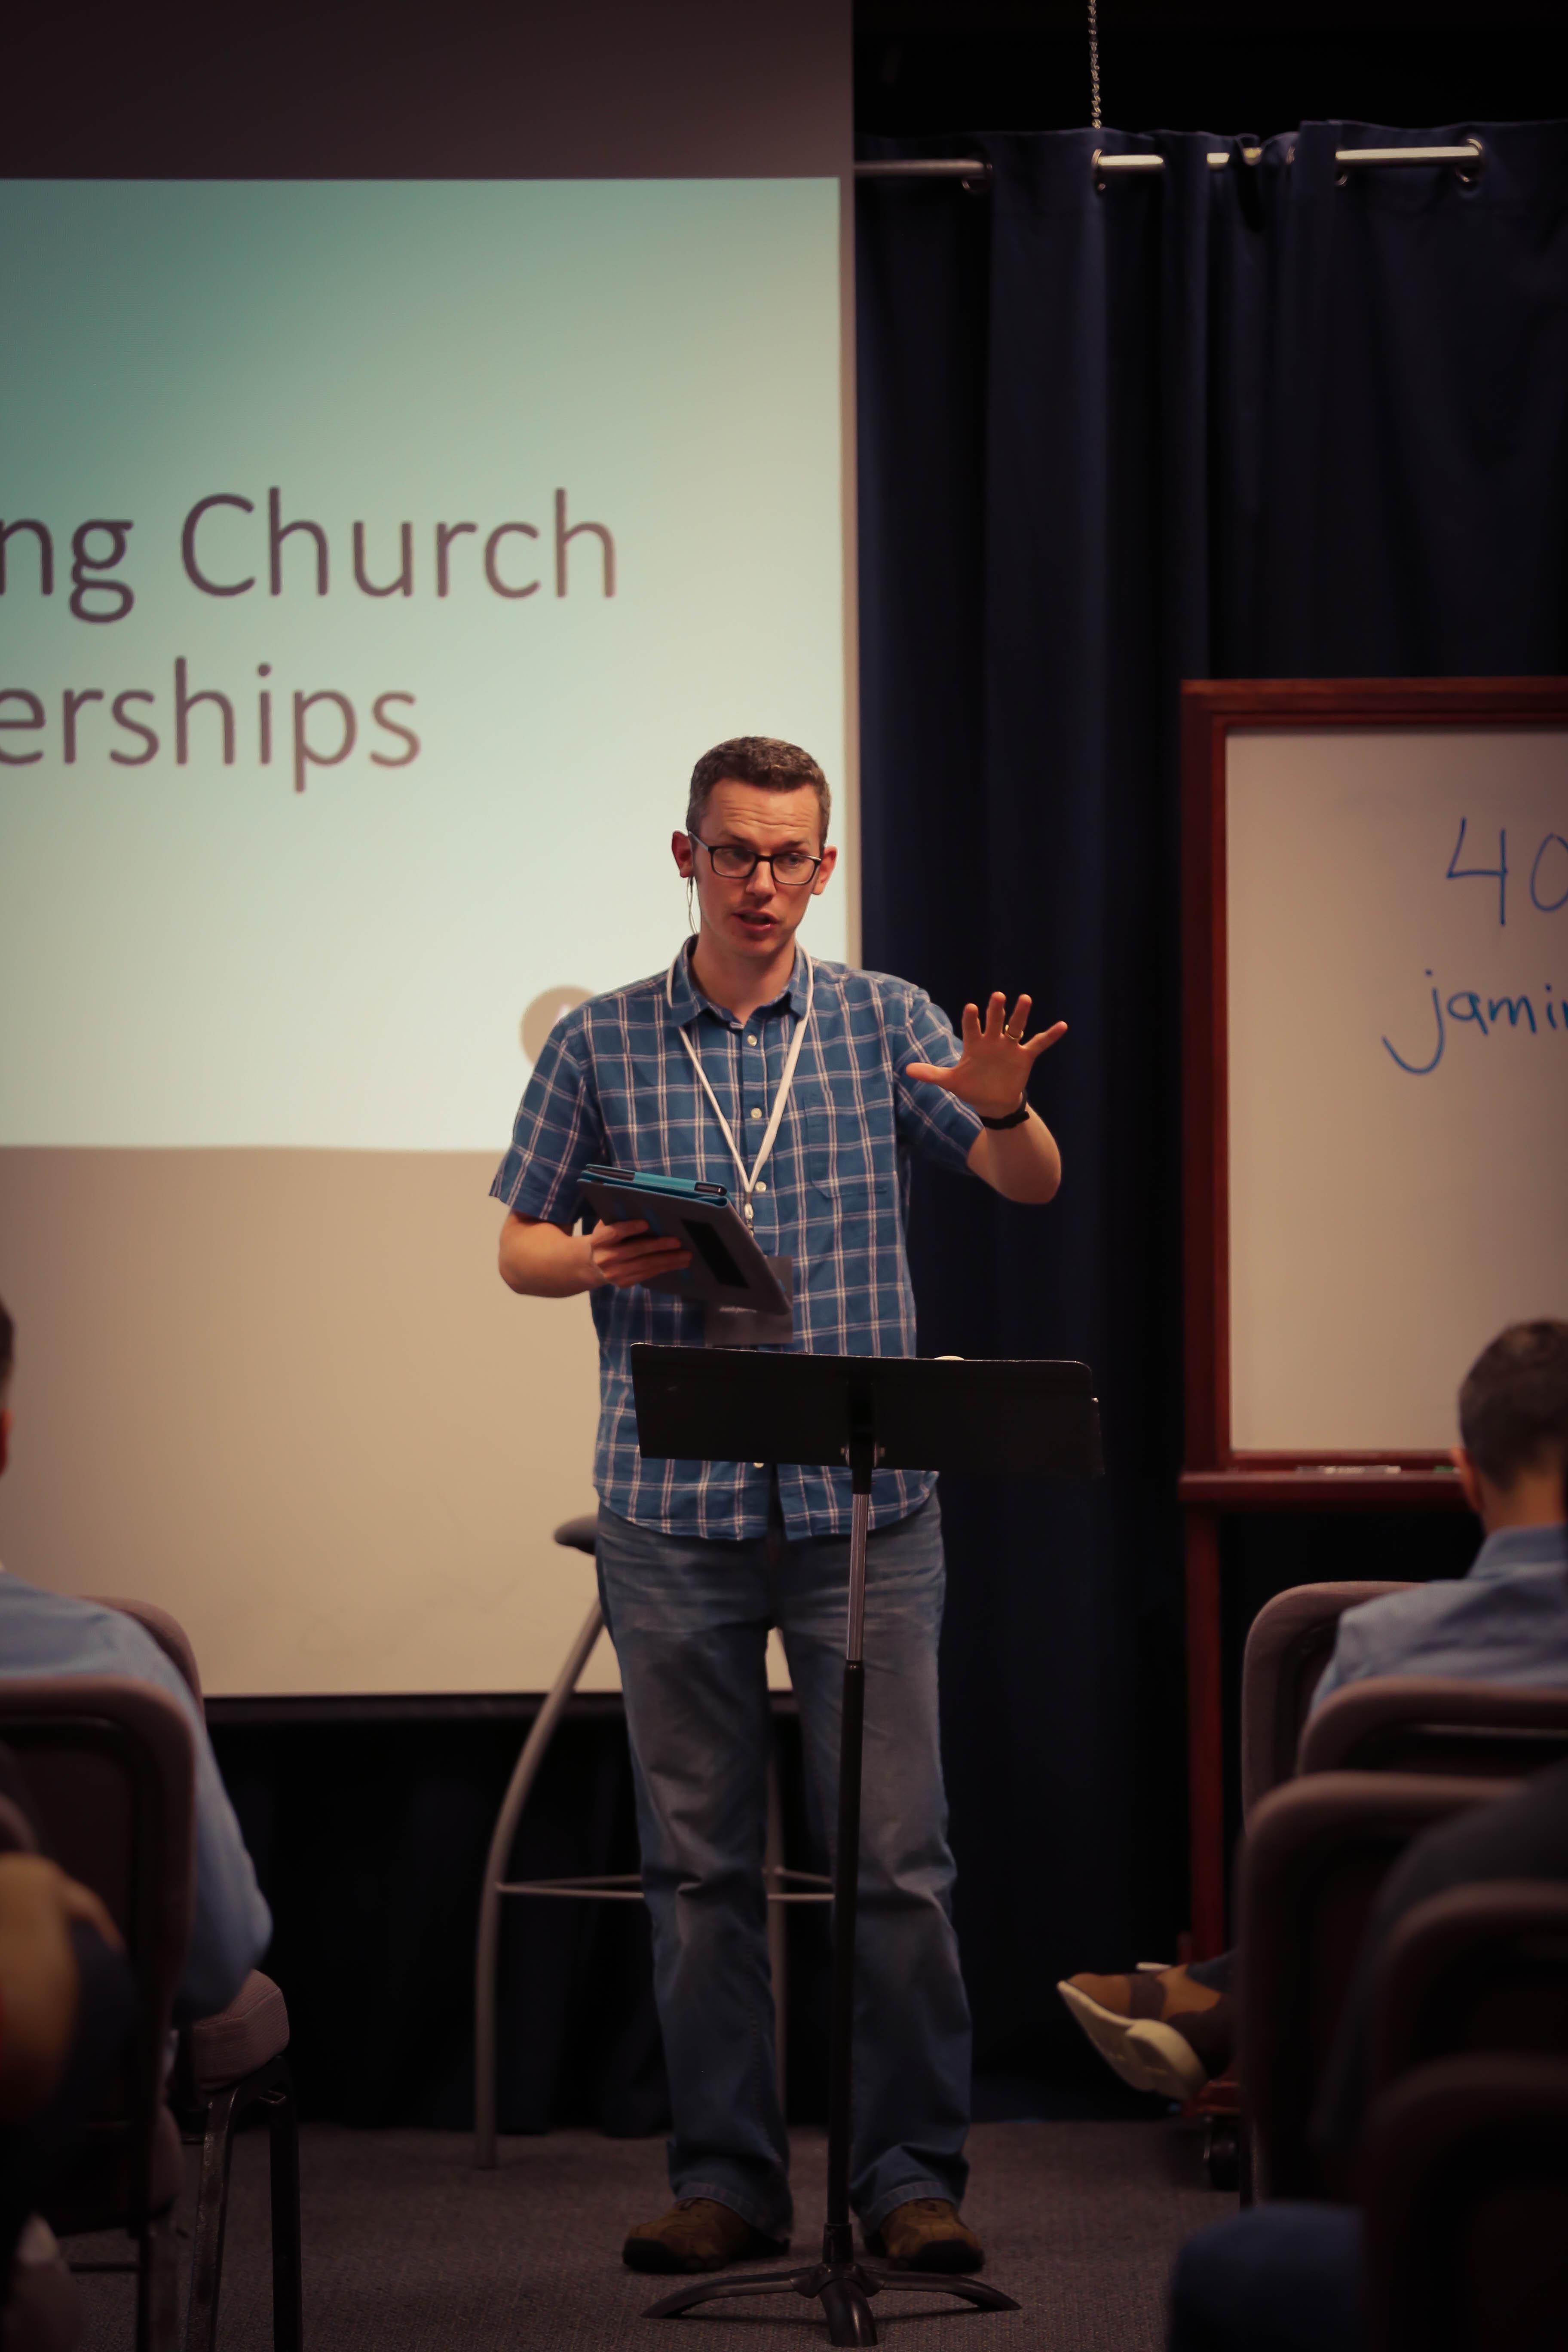 Planting Church Planting Churches #1 | 200 – 400 Track